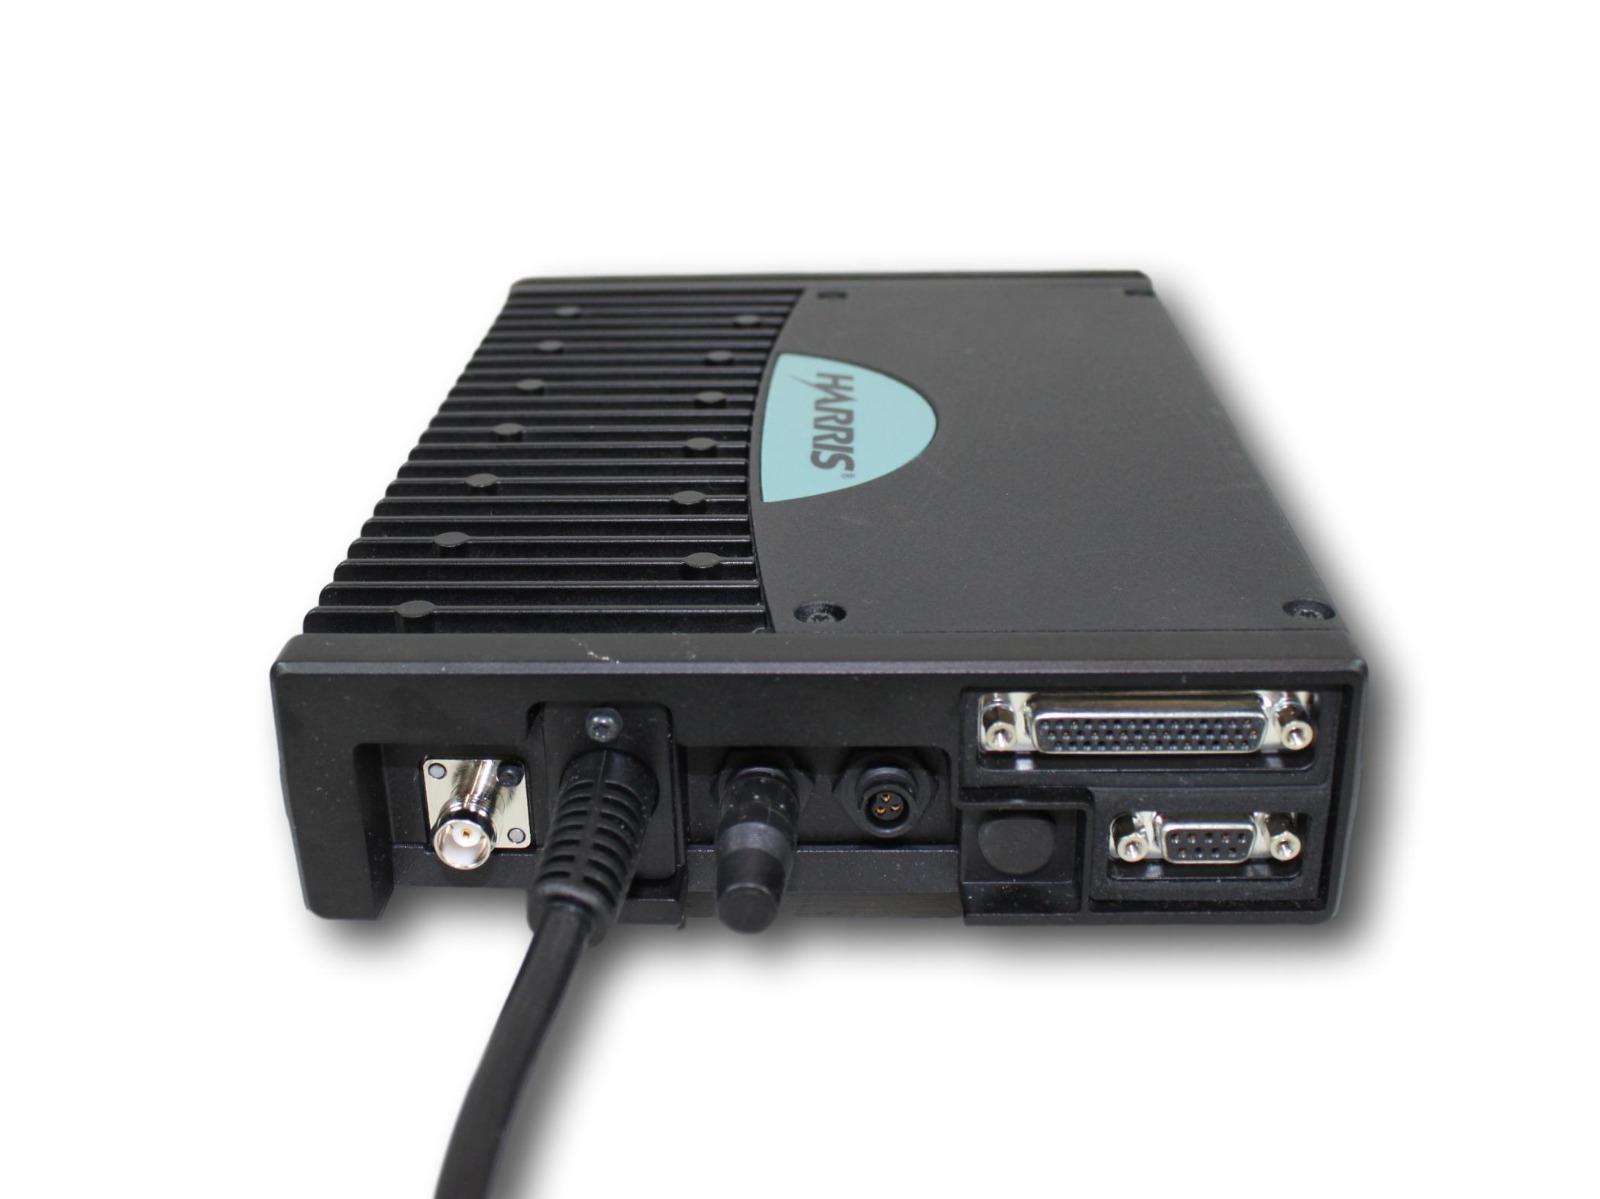 Details about Harris MACOM XG-75M (M7300) 700-800 Mhz Digital P25 EDACS  Dash-Mount Mobile